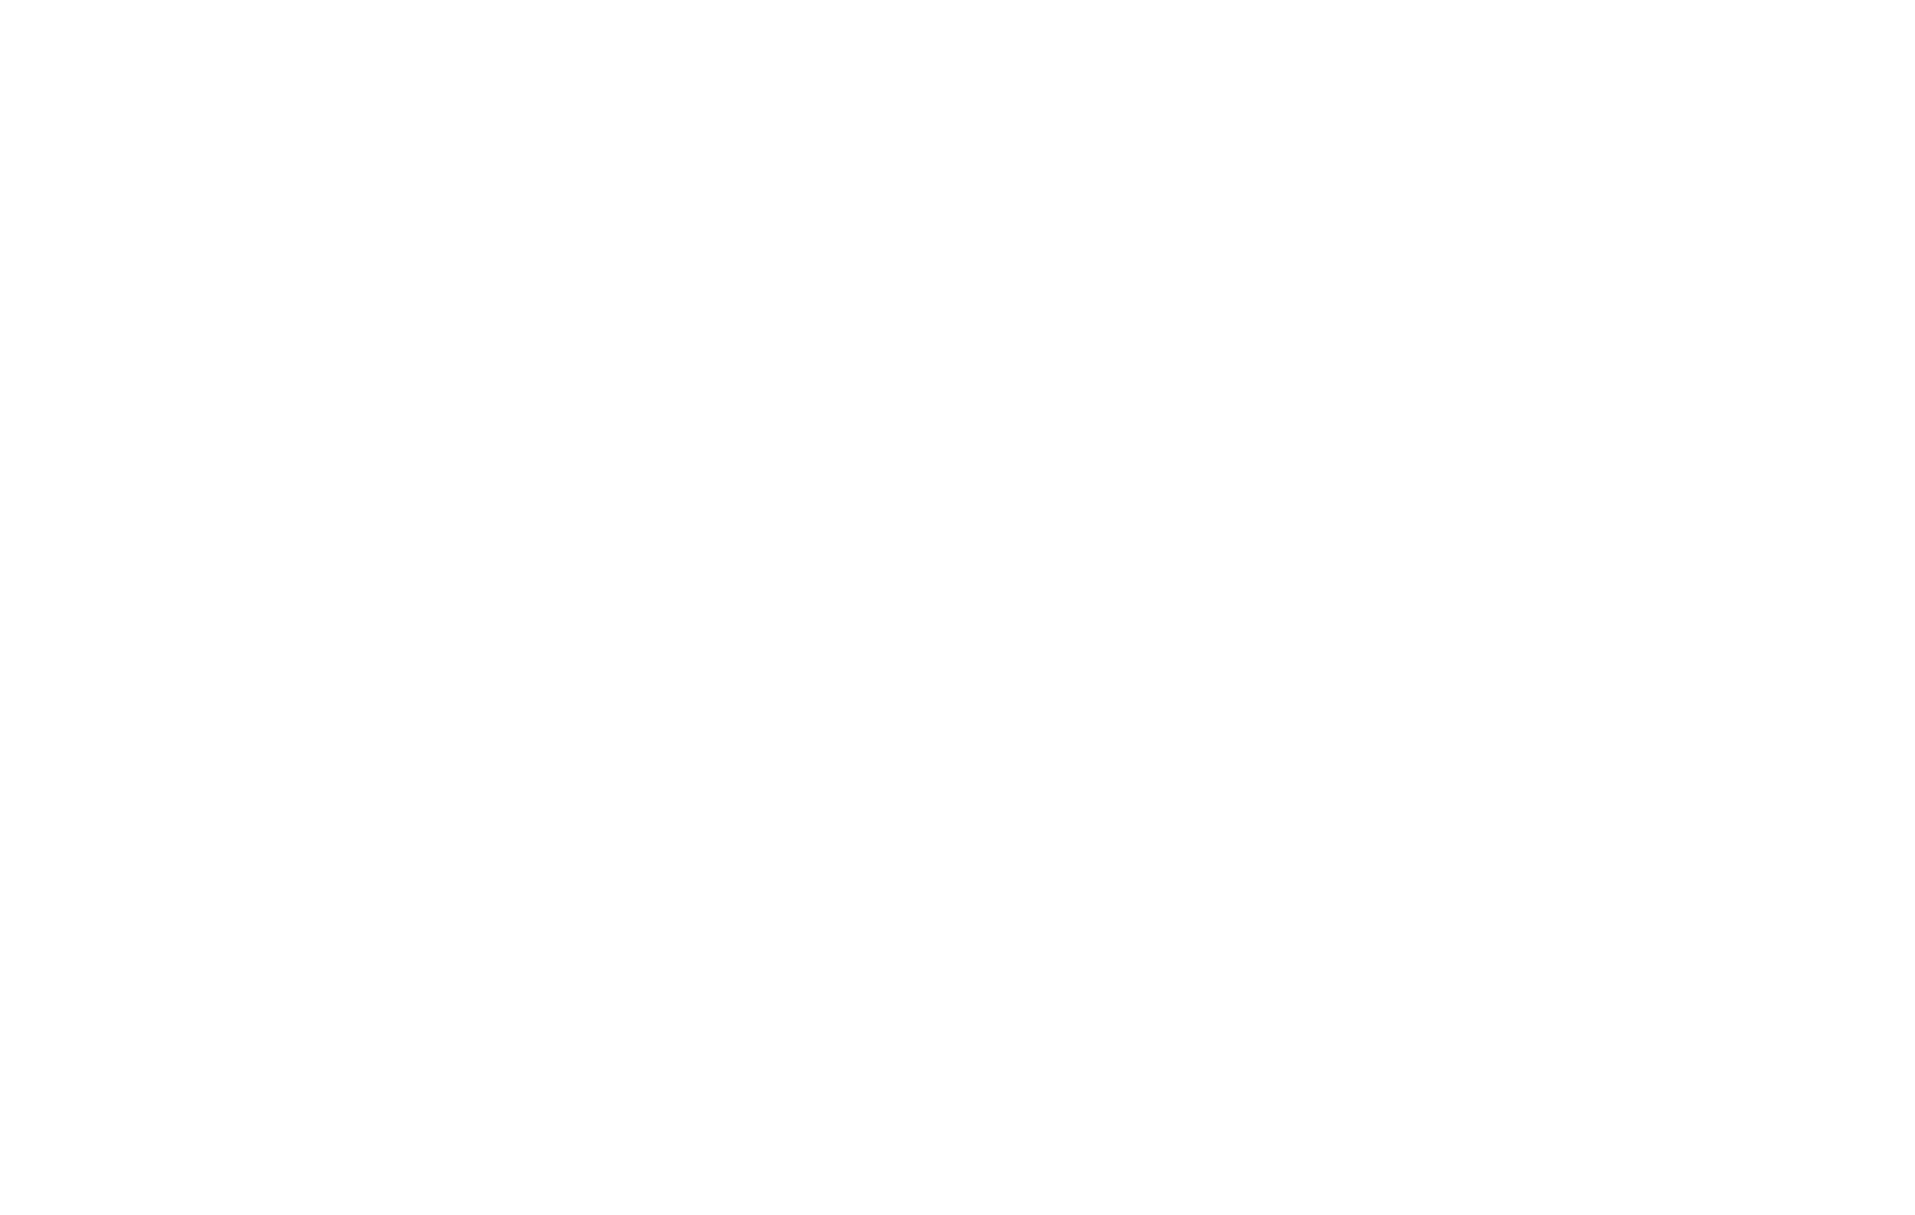 KEMONSIB